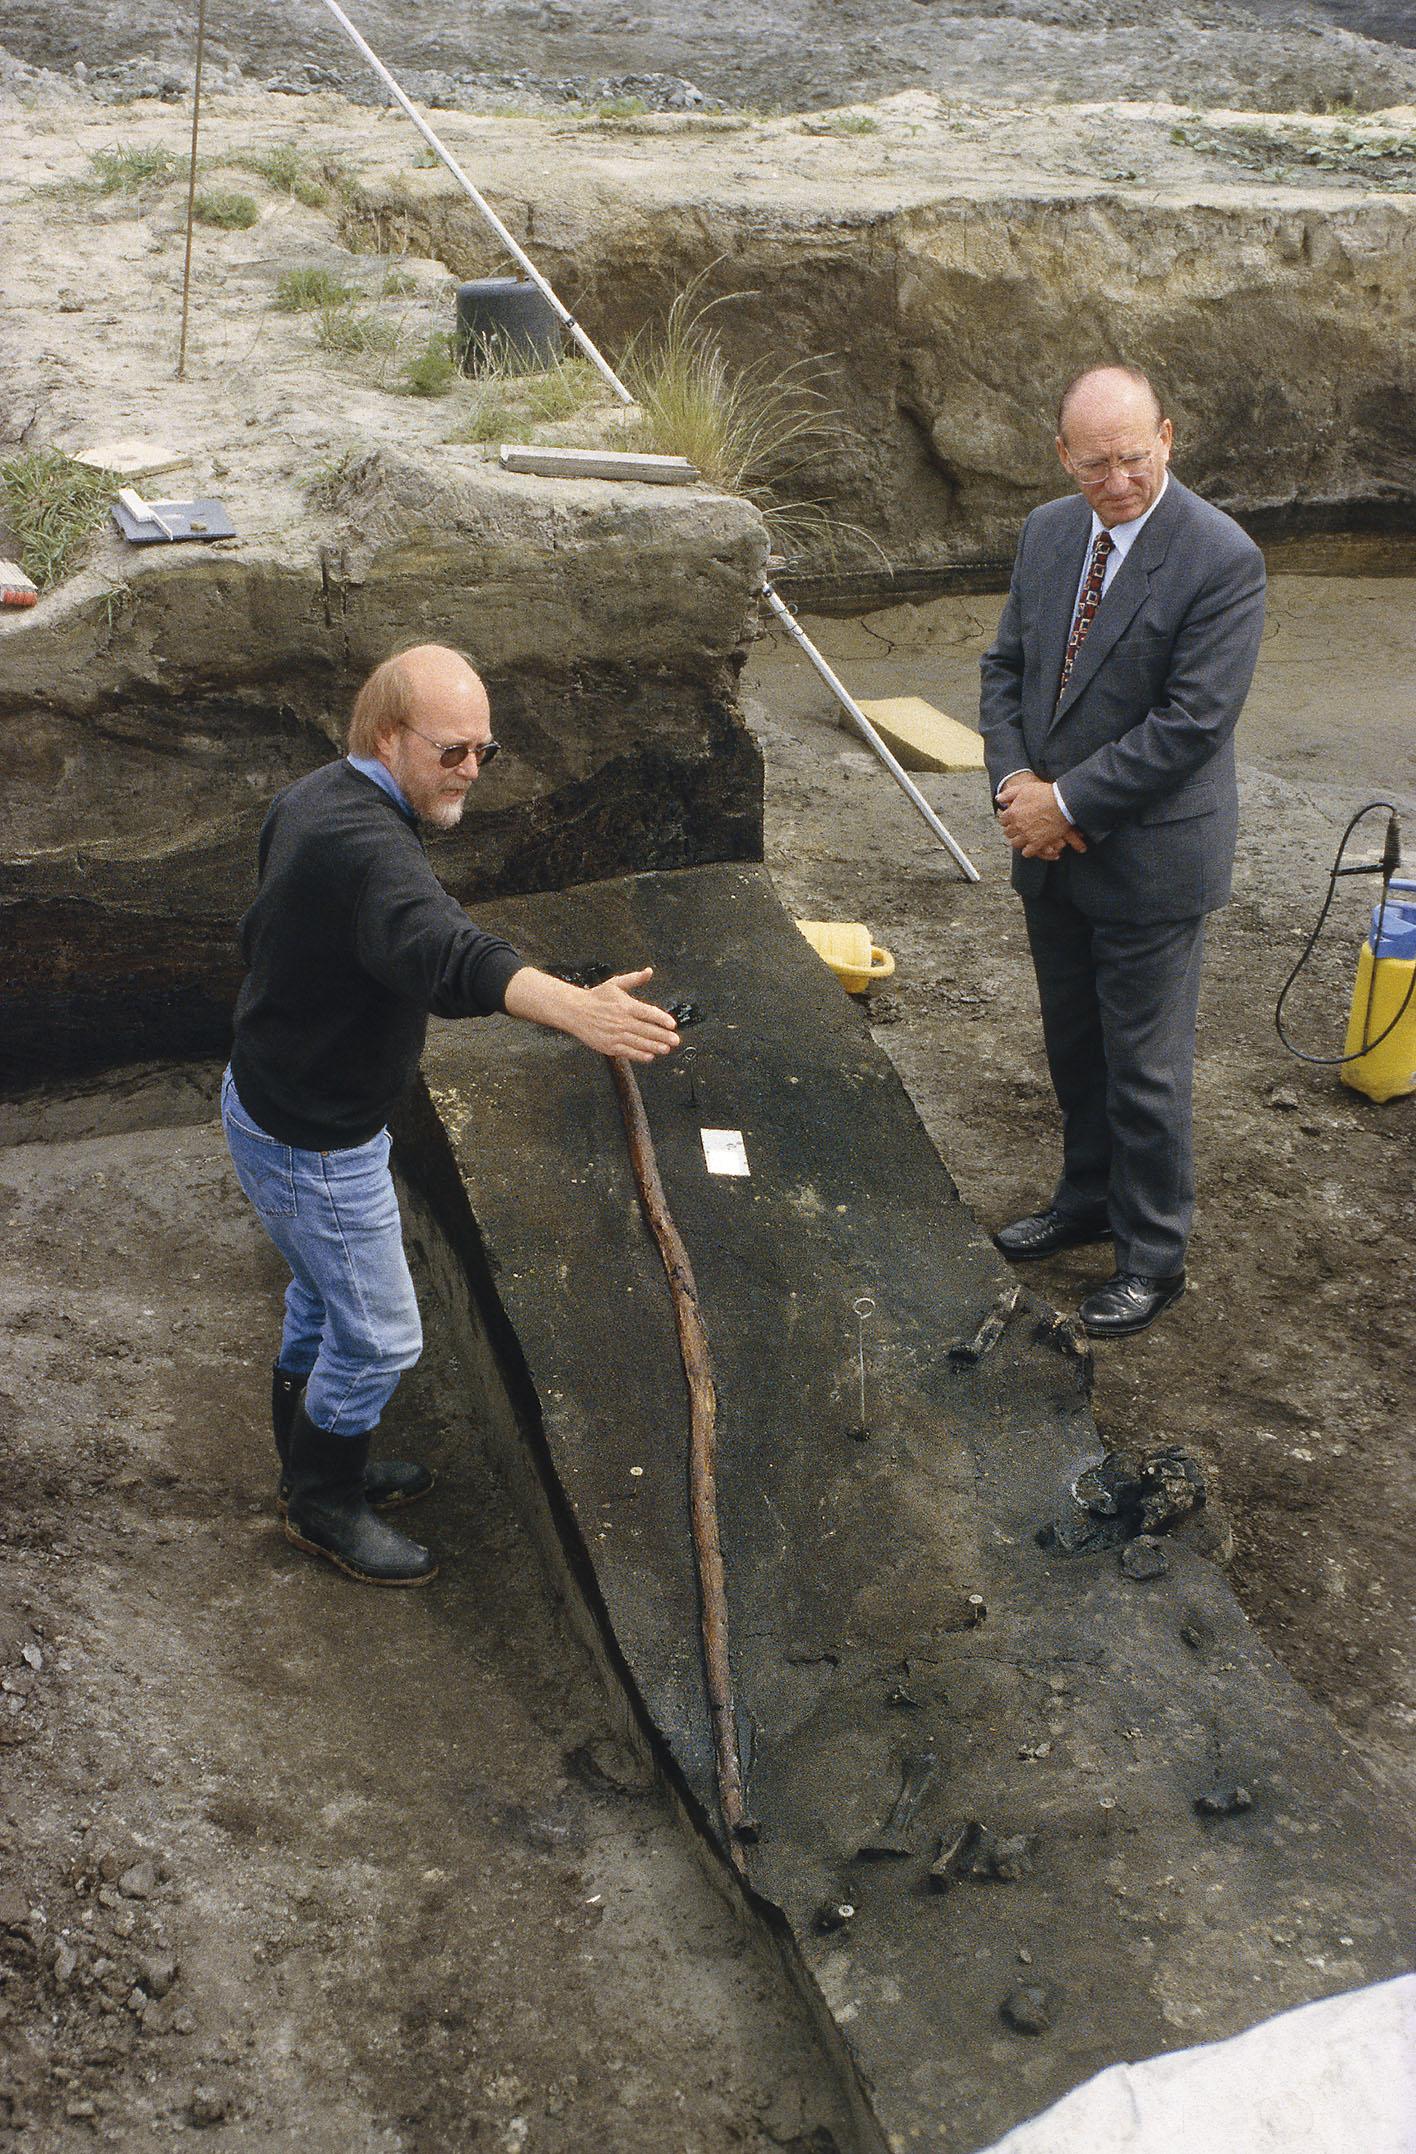 العثور على كنز أثرى يرجع للعصر الحجري خلال عملية بناء في ألمانيا